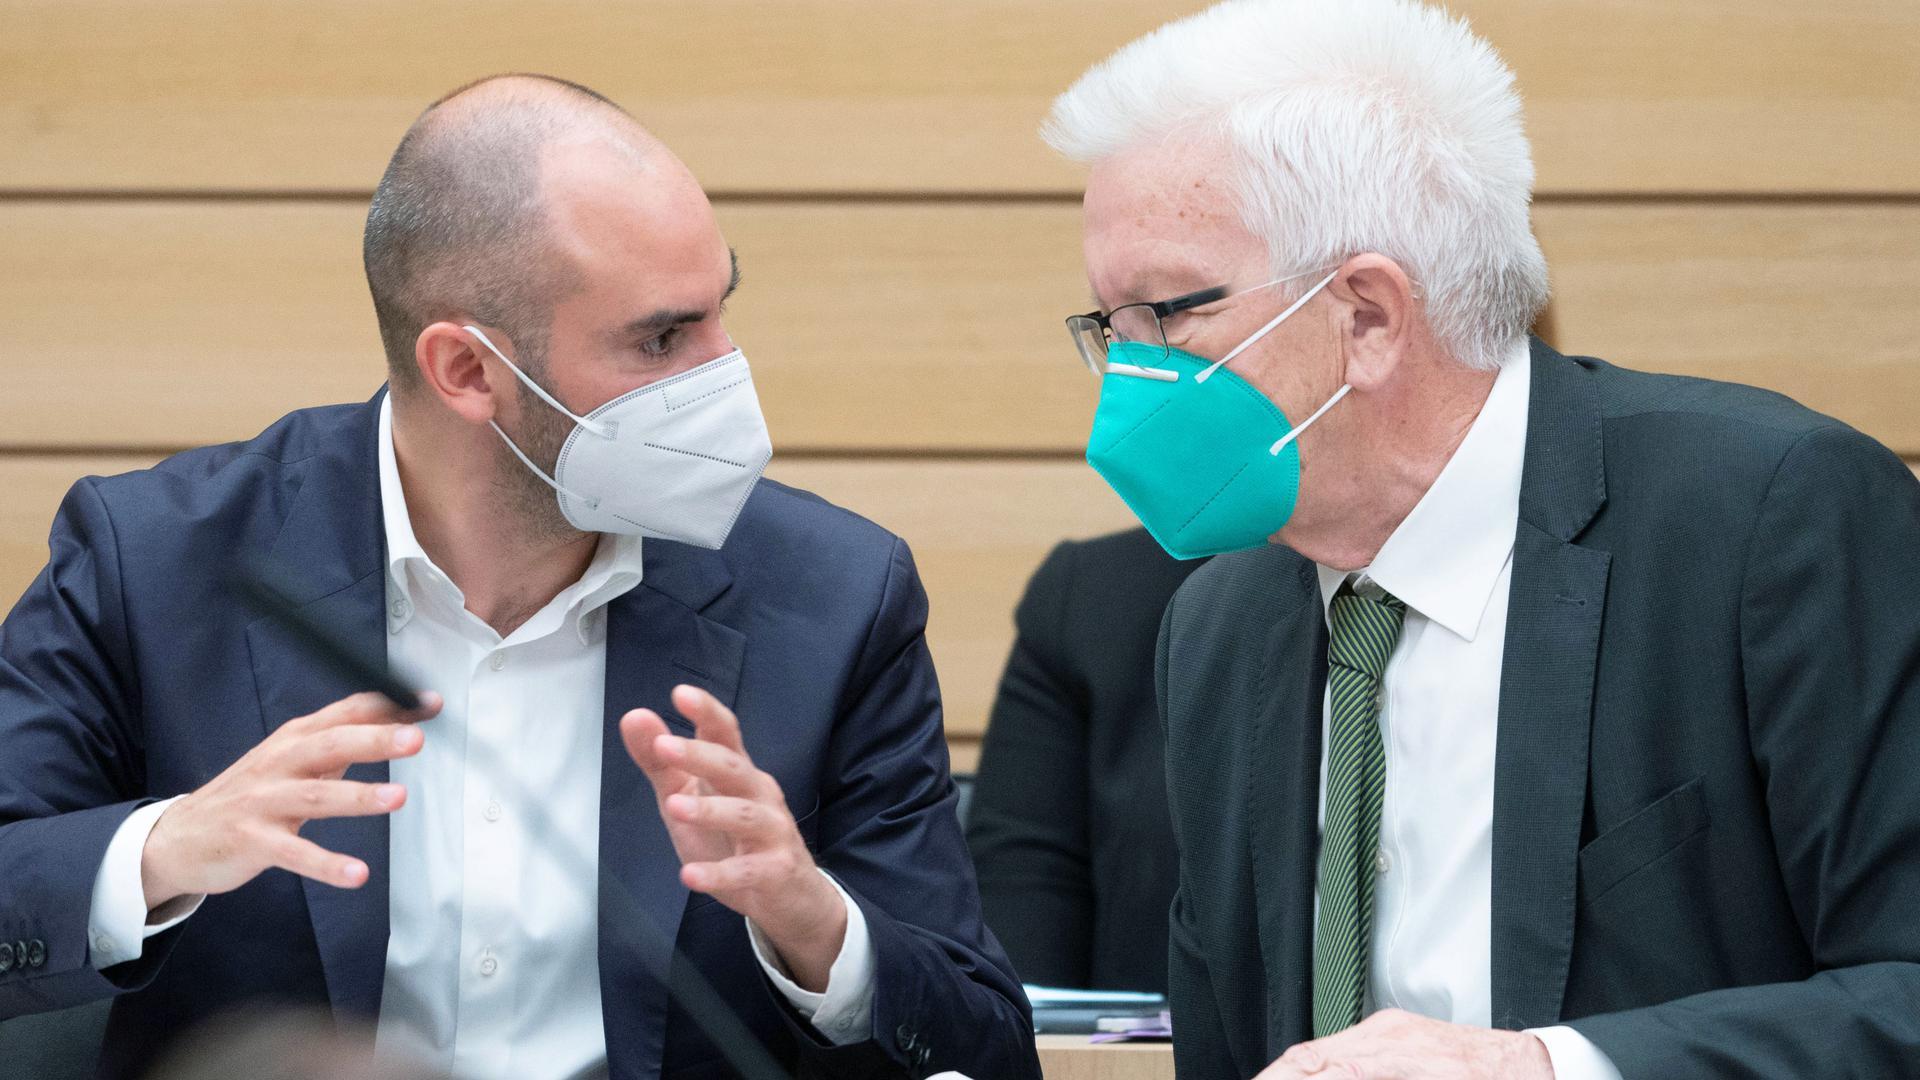 Wie steht es um das Geld? Finanzminister Danyal Bayaz (links) und Ministerpräsident Winfried Kretschmann (beide Grüne) müssen den Haushalt im Blick behalten.